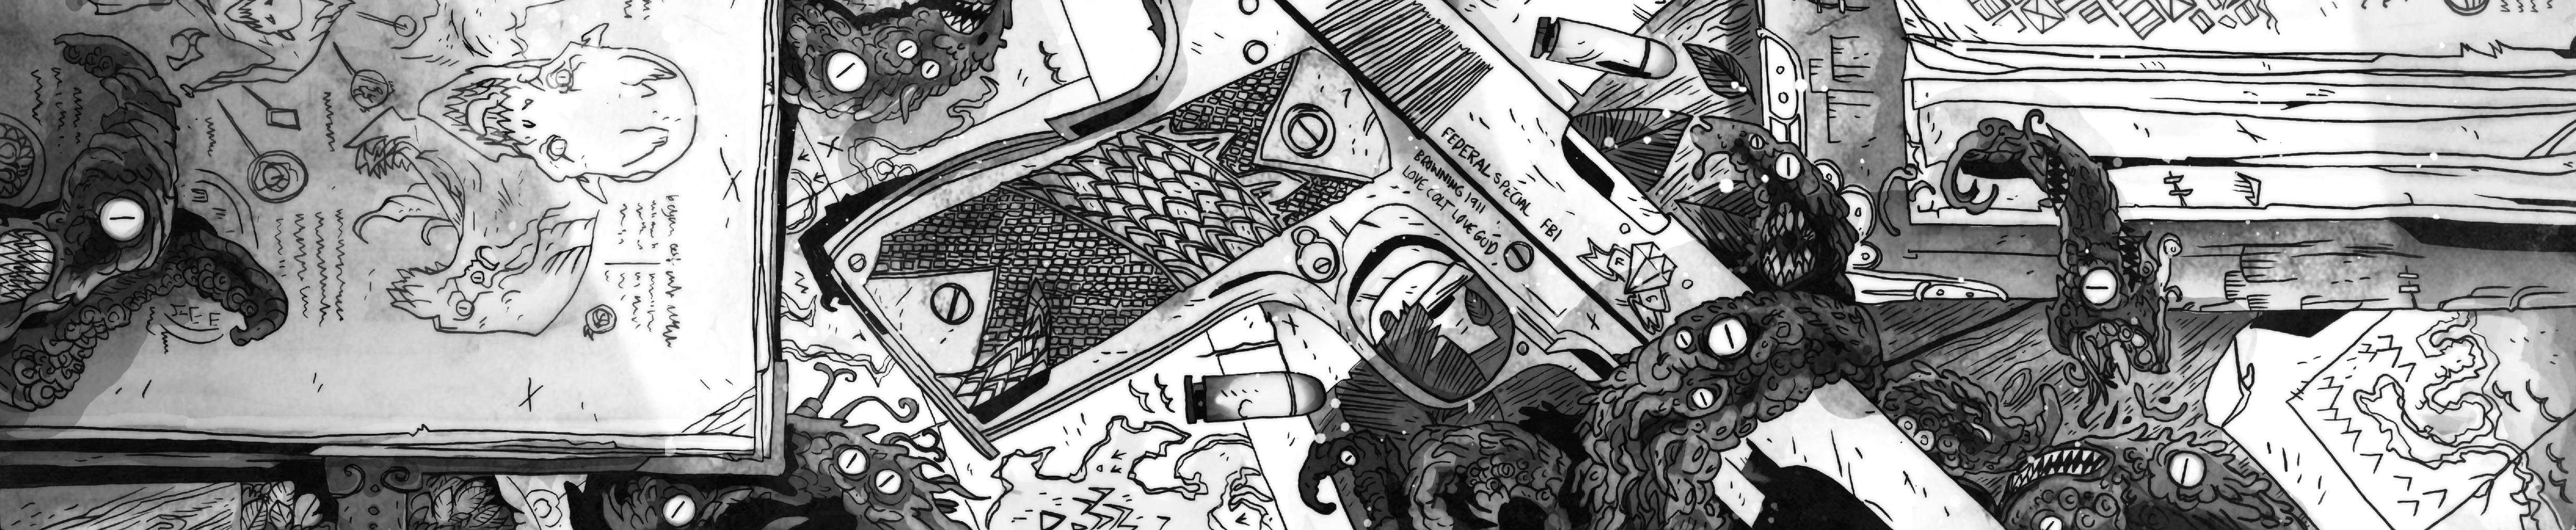 SINS - Dead City - PDF